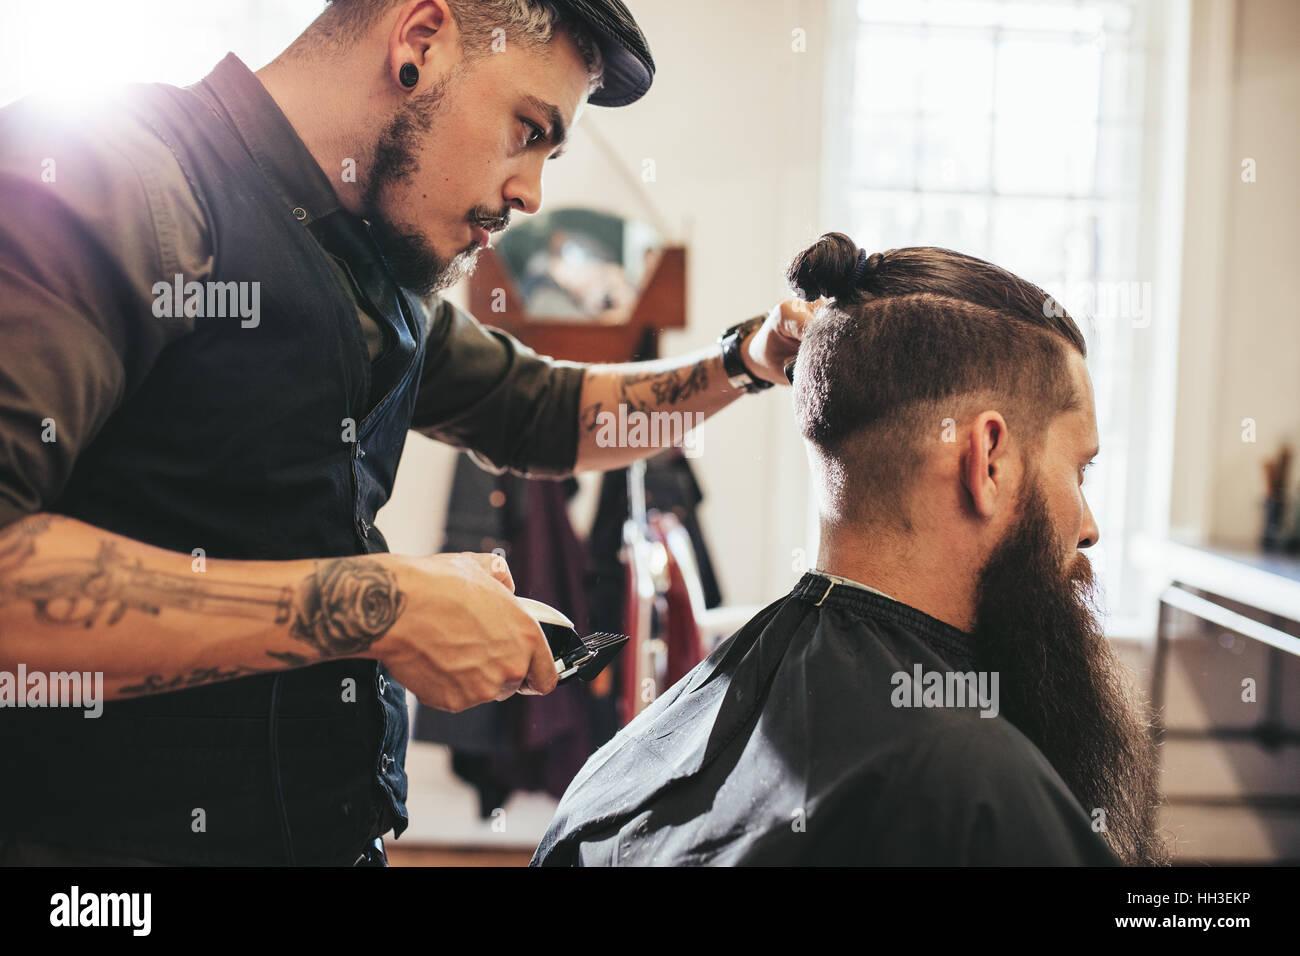 La coupe de cheveux coiffure élégante de client à un coiffeur. L'homme se coupe de barbe au salon Photo Stock